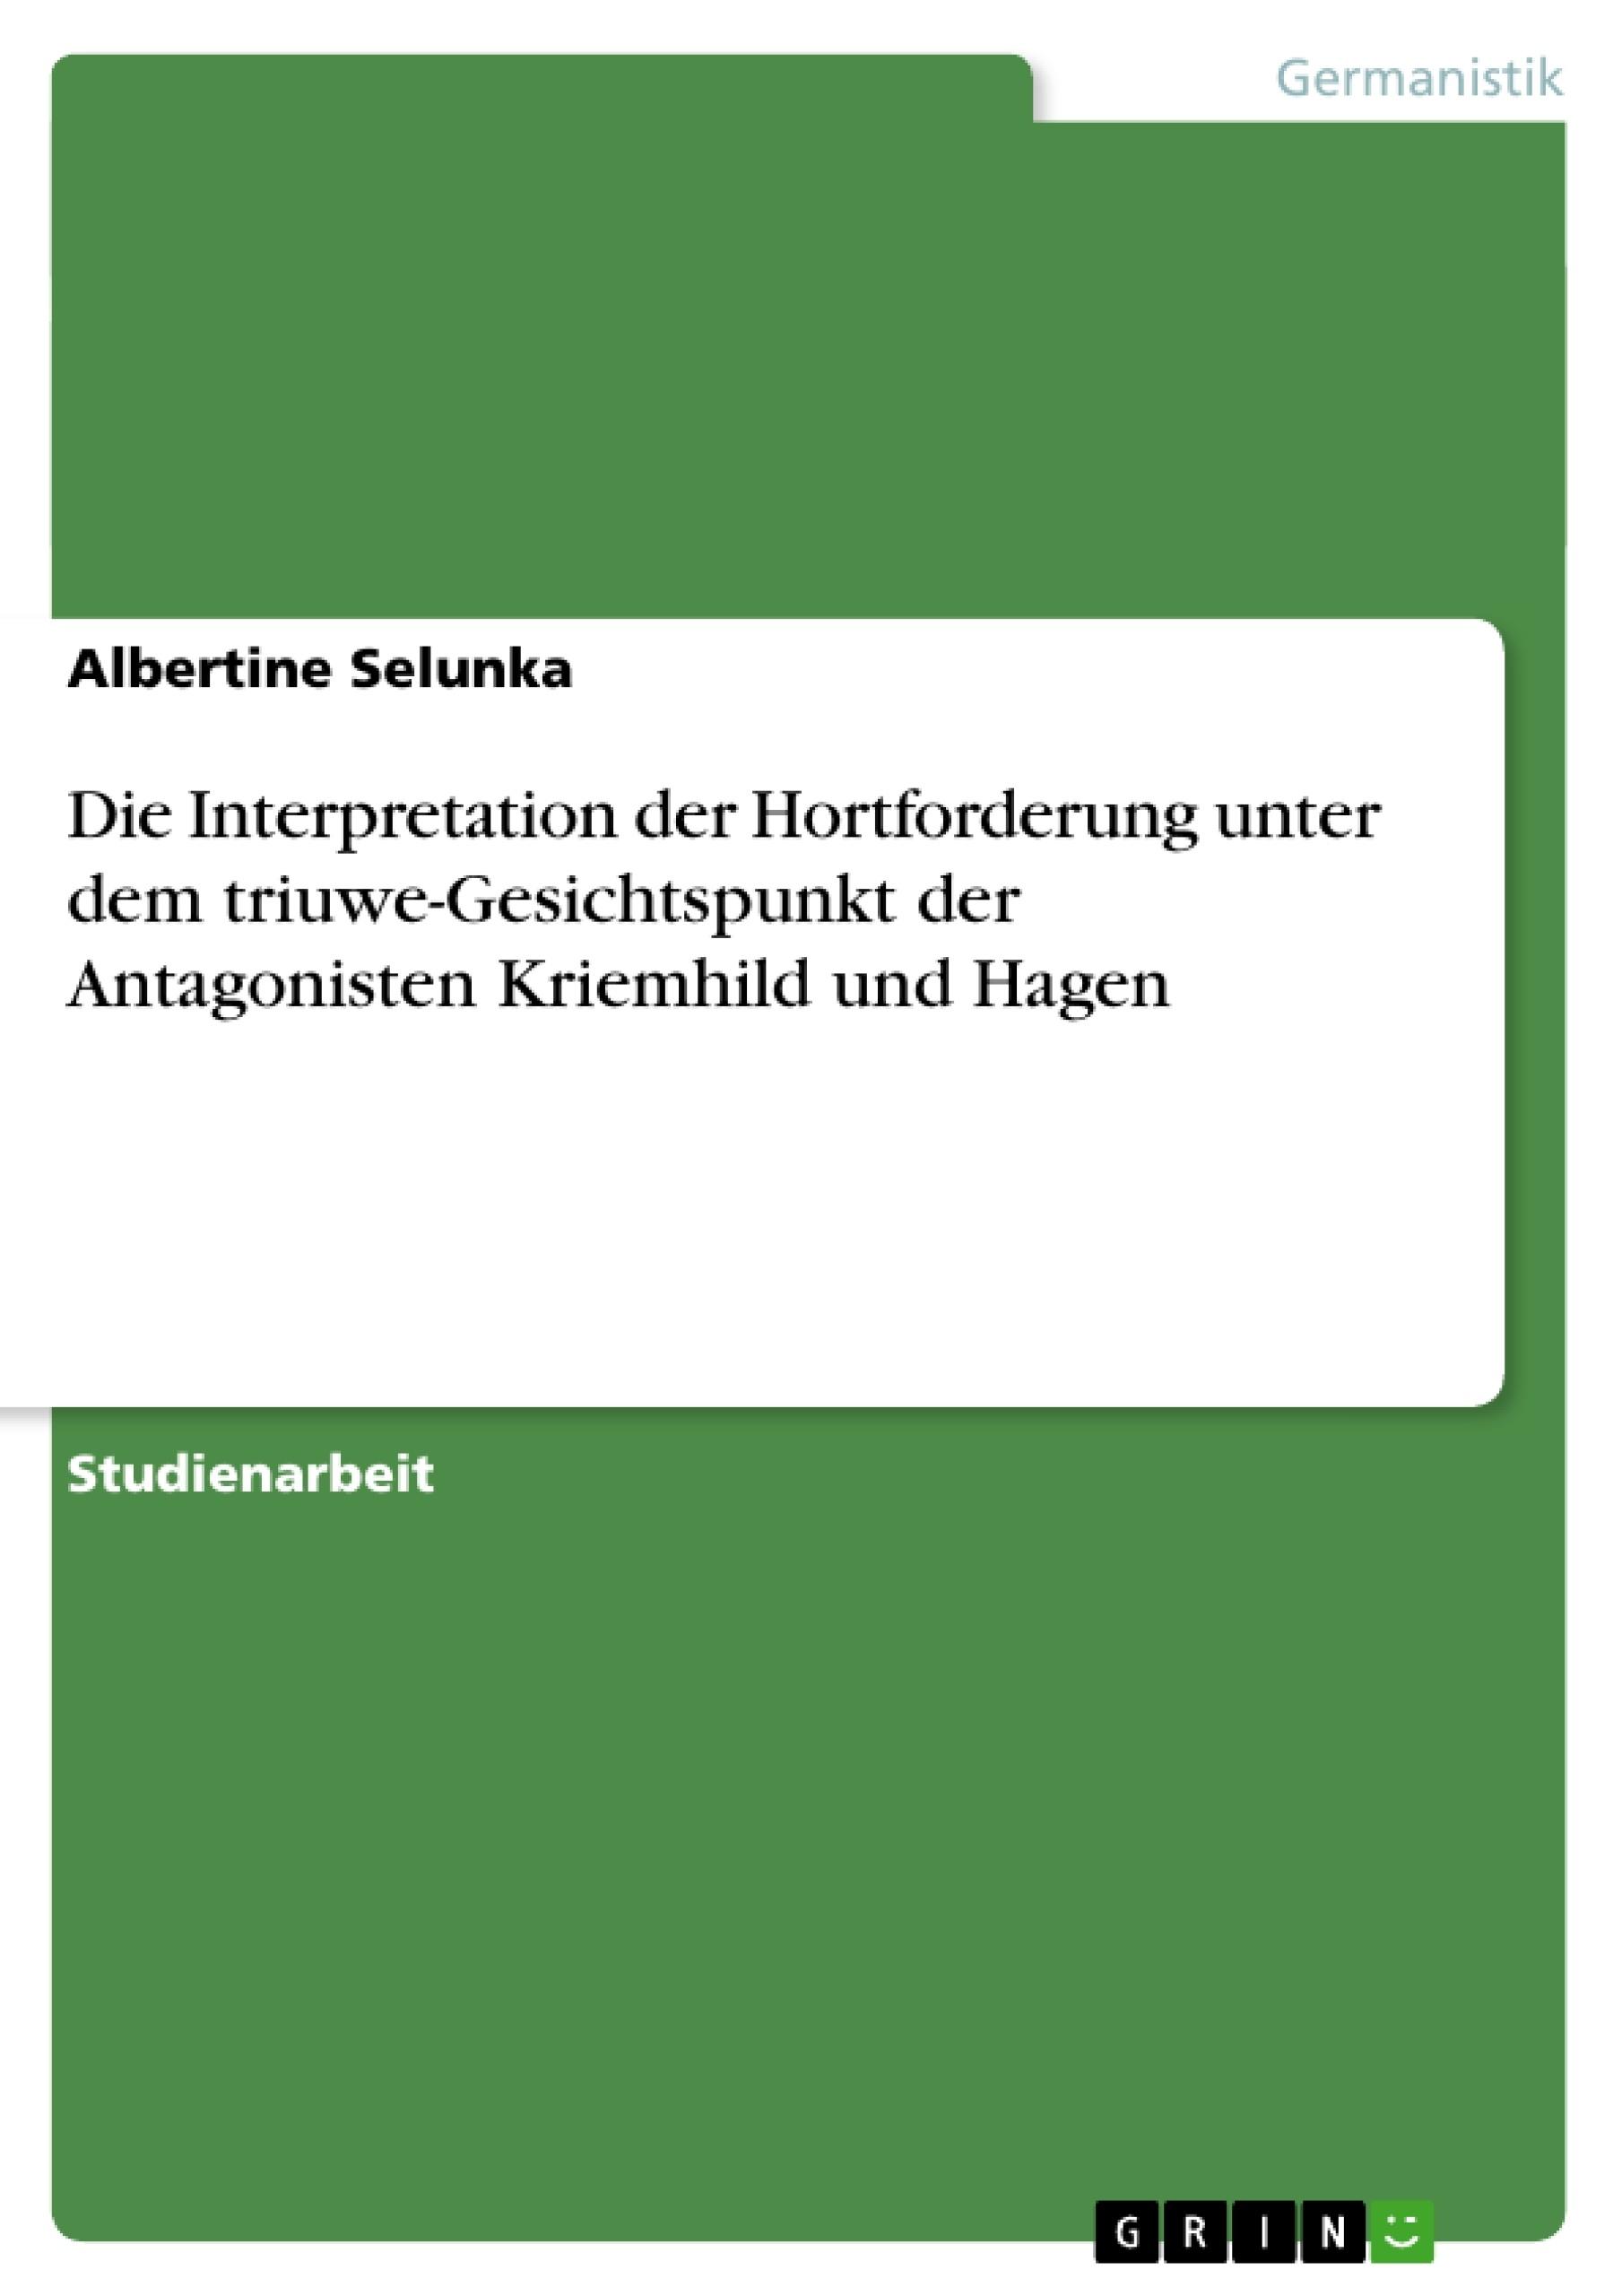 Titel: Die Interpretation der Hortforderung unter dem triuwe-Gesichtspunkt der Antagonisten Kriemhild und Hagen